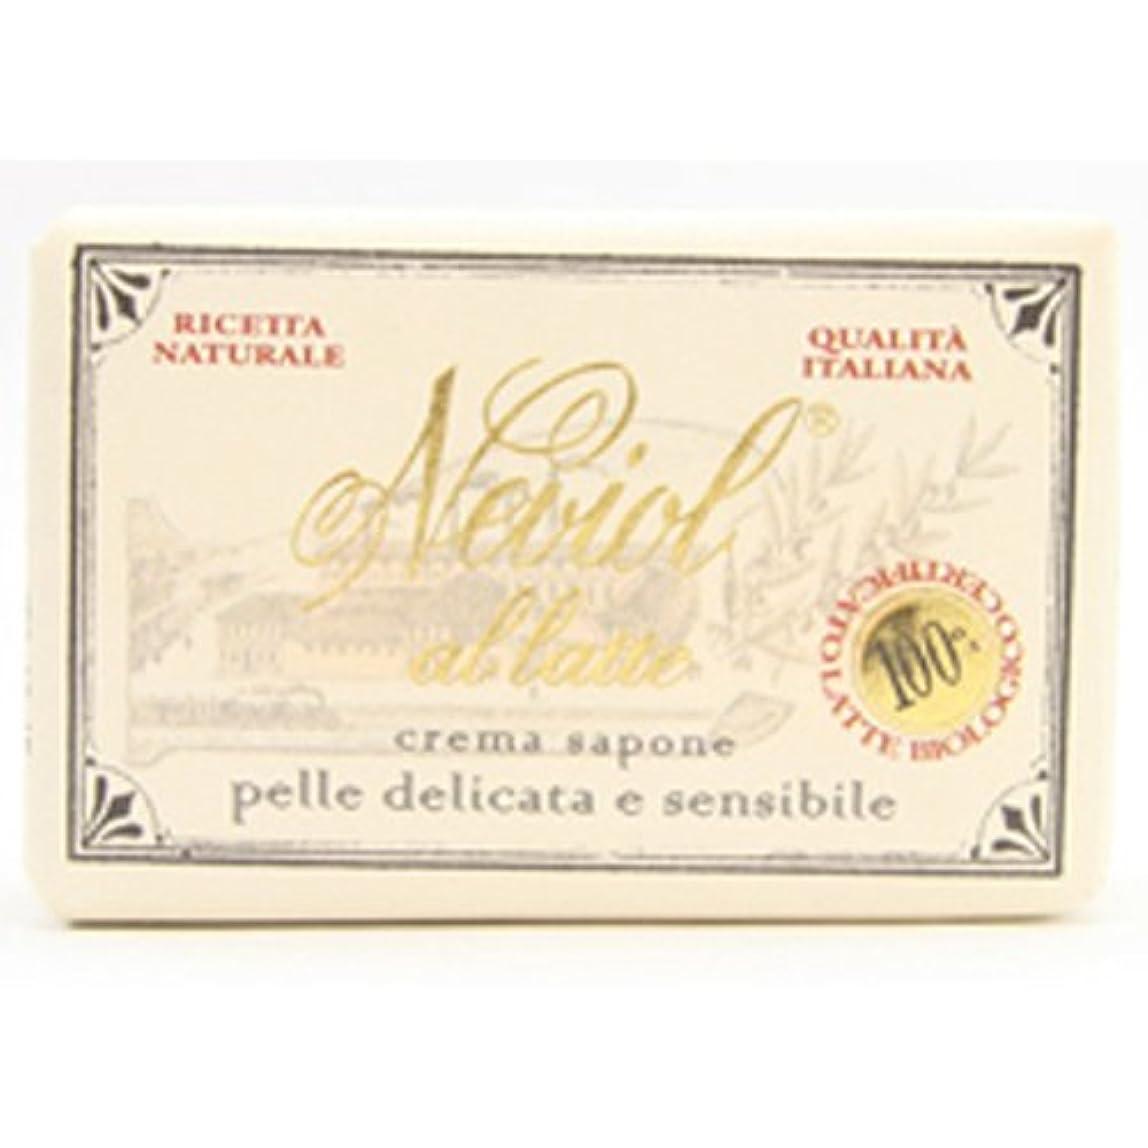 放映送料うがいSaponerire Fissi  サポネリーフィッシー milk baby soap ミルク ベビー ソープ 150g cream sapone